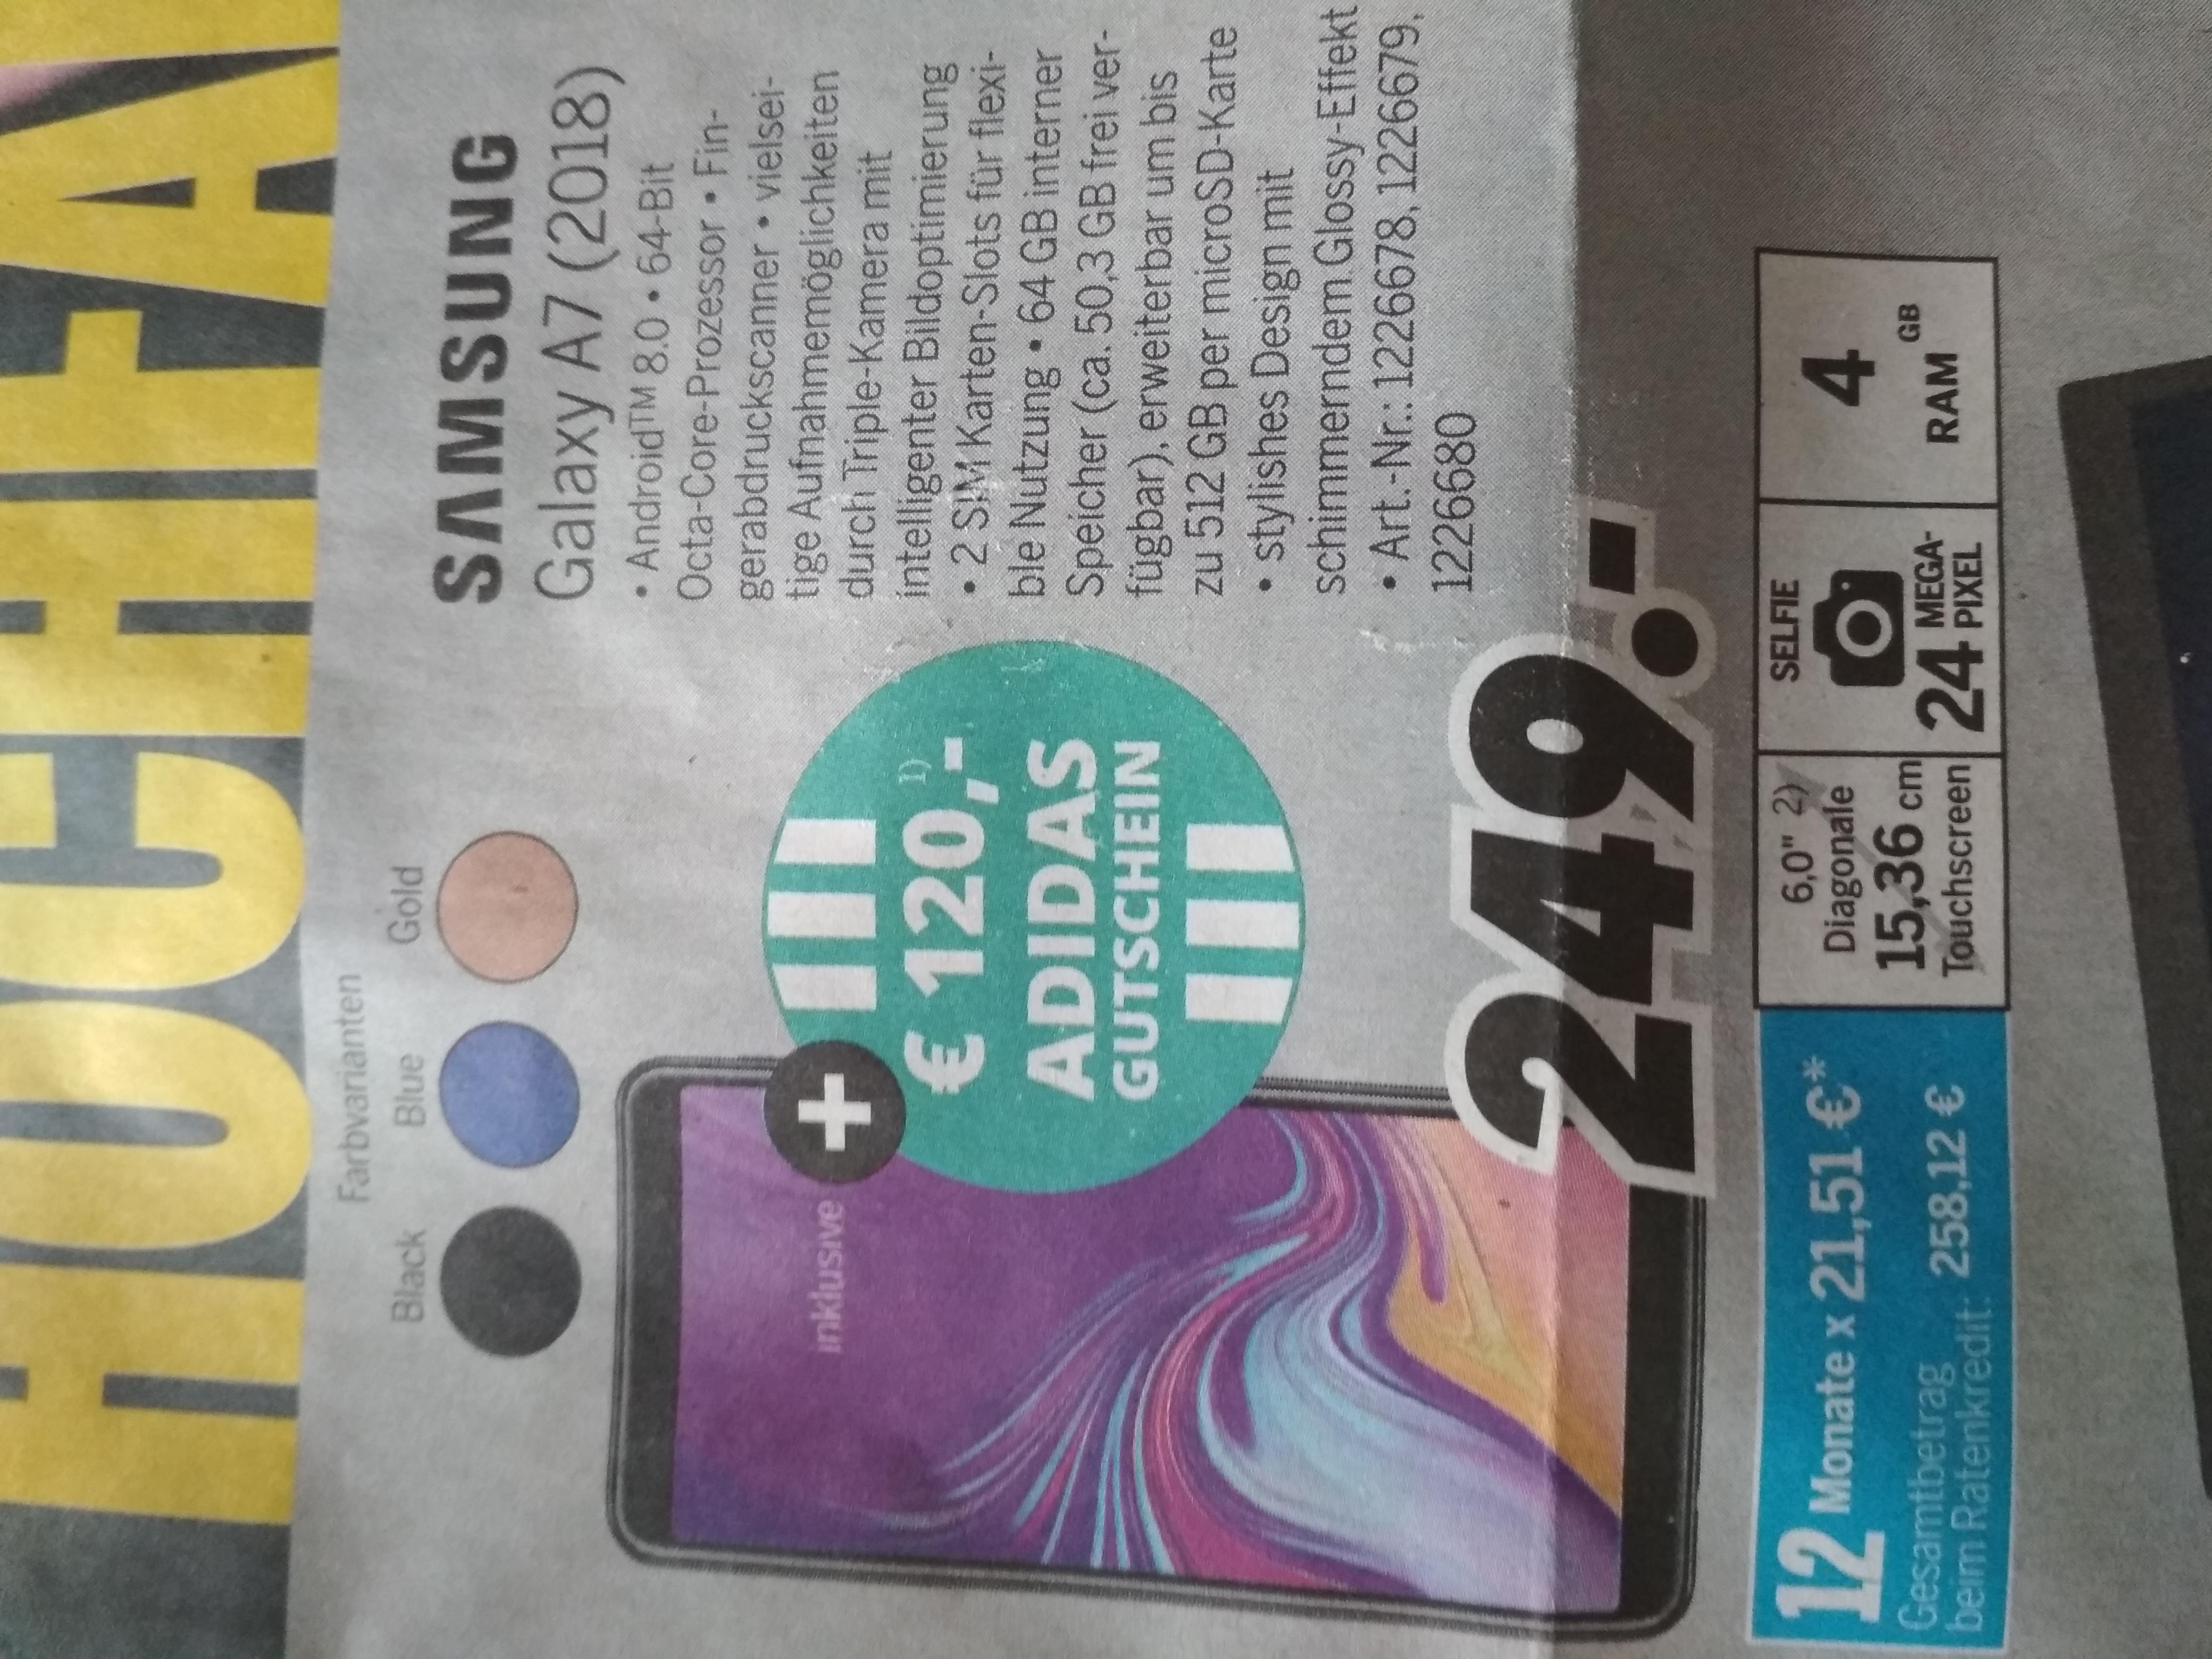 Samsung Galaxy A7 (2018) + 120 € Adidas-Gutschein, Medimax